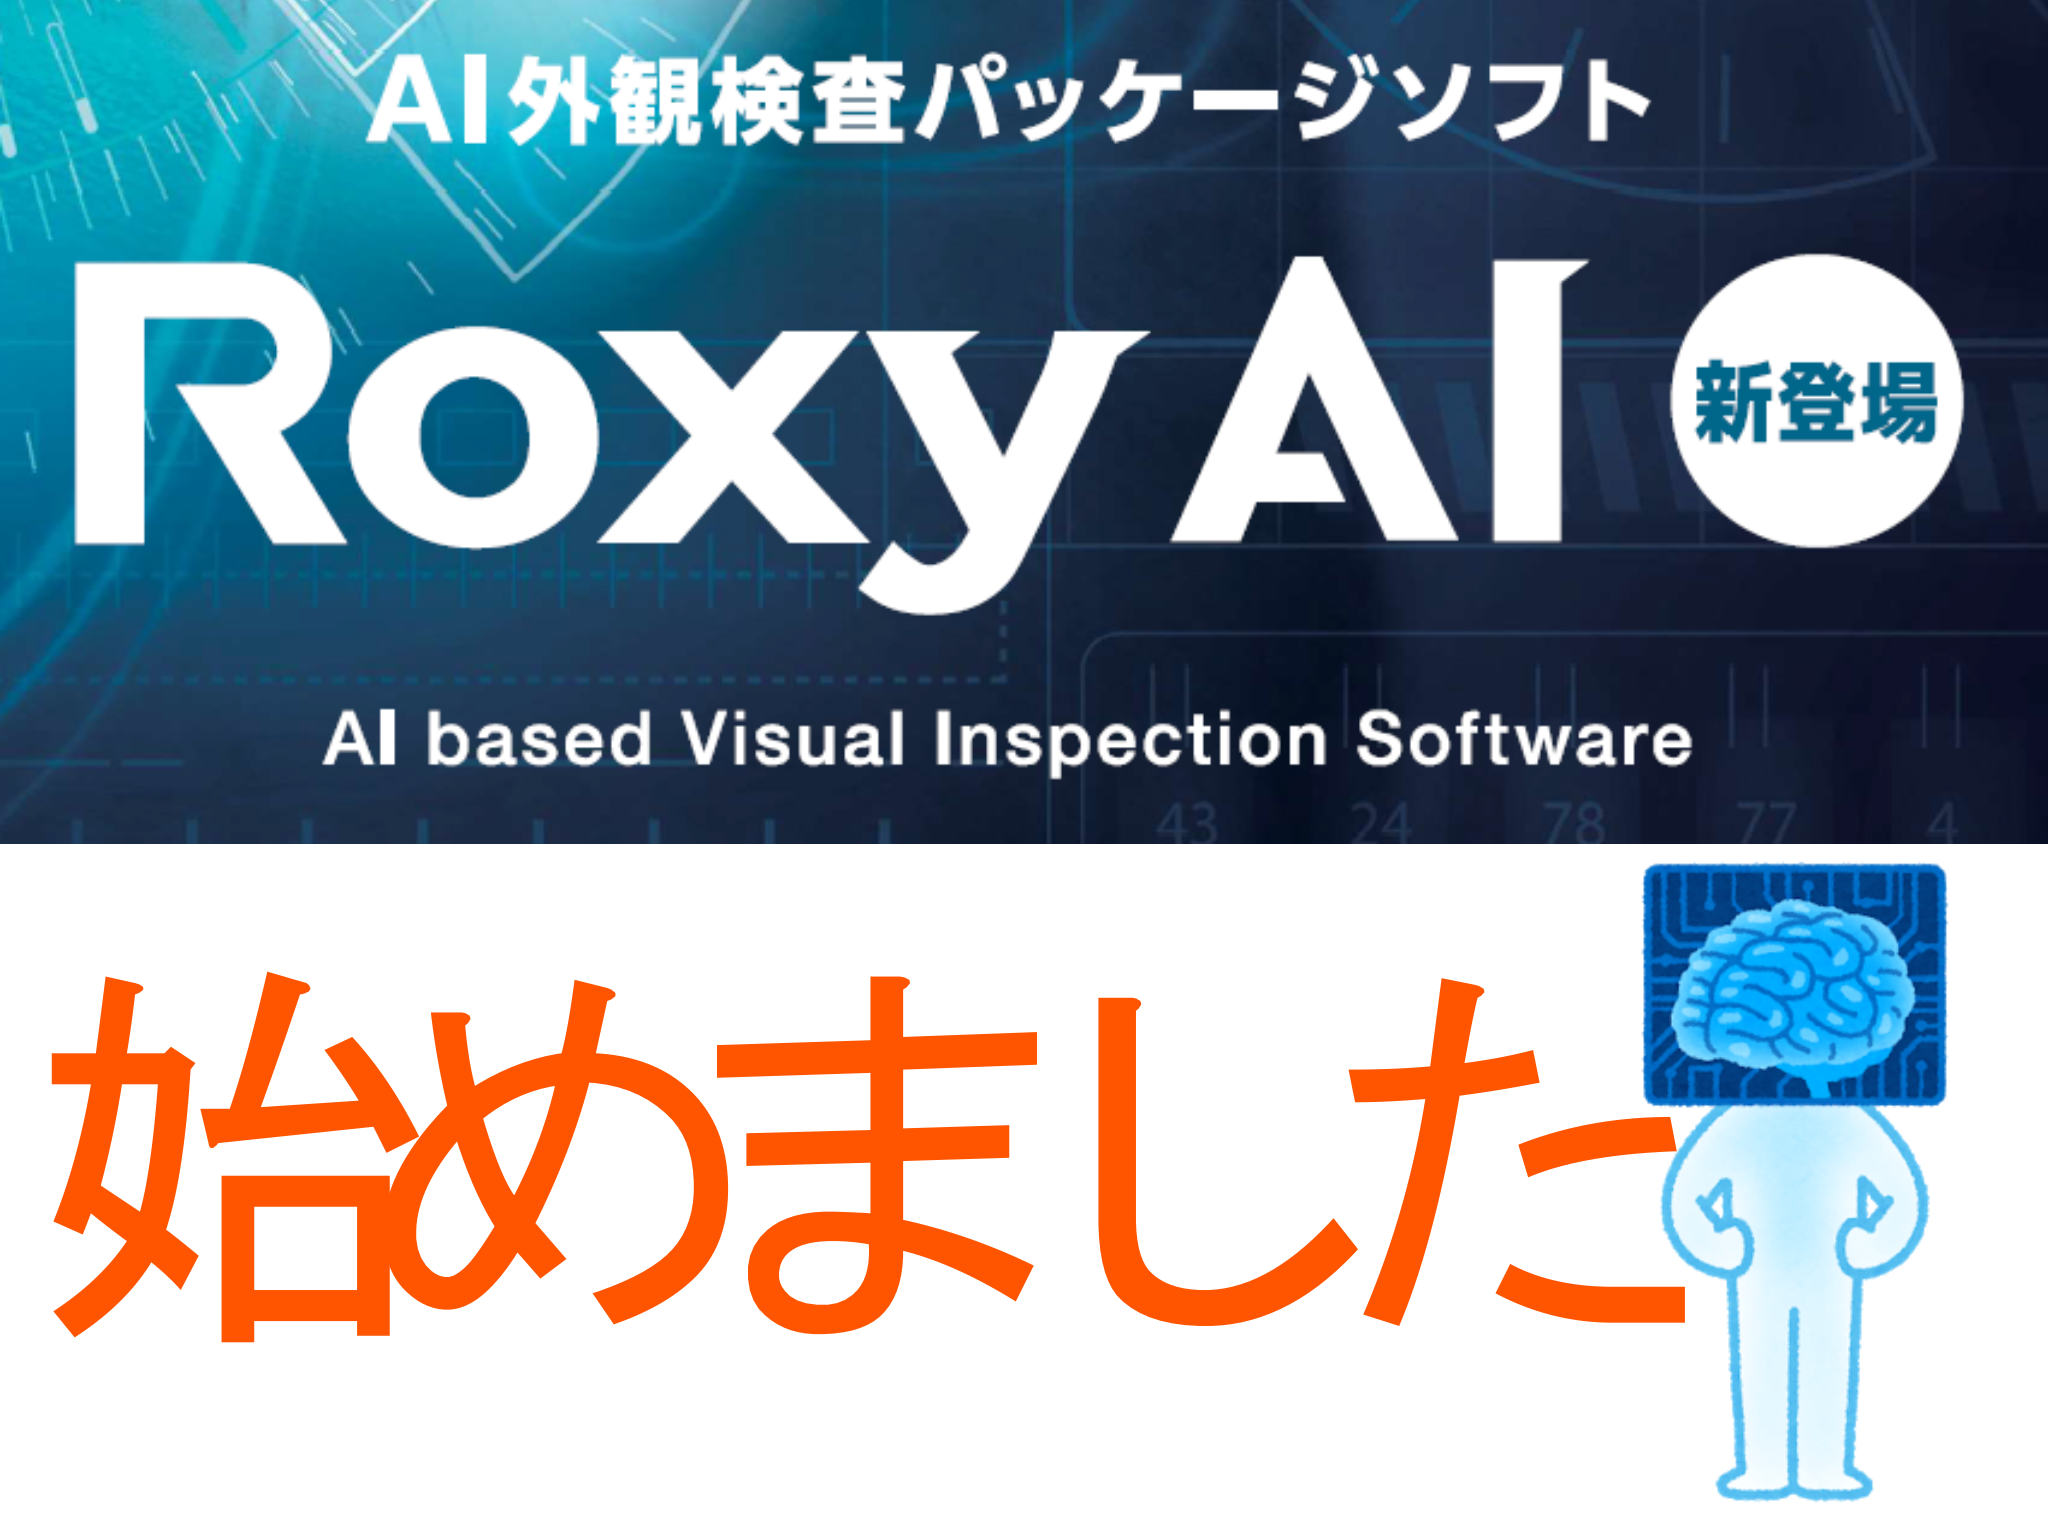 革新的、外観検査。AI外観検査パッケージソフト『RoxyAI』の取扱いを開始しました